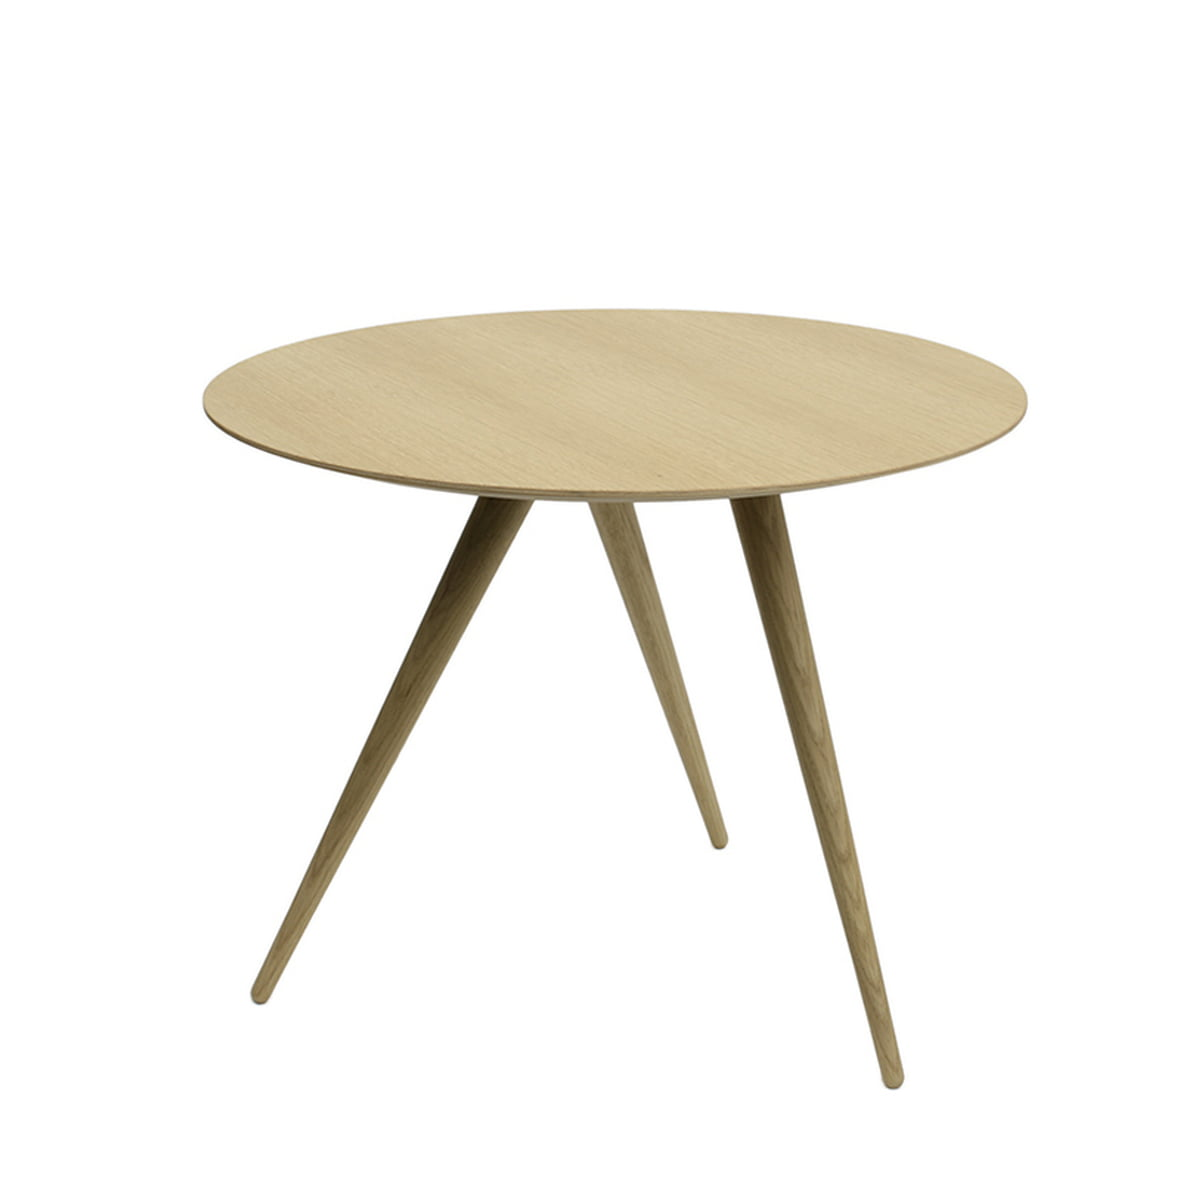 turn high beistelltisch von maigrau im shop. Black Bedroom Furniture Sets. Home Design Ideas